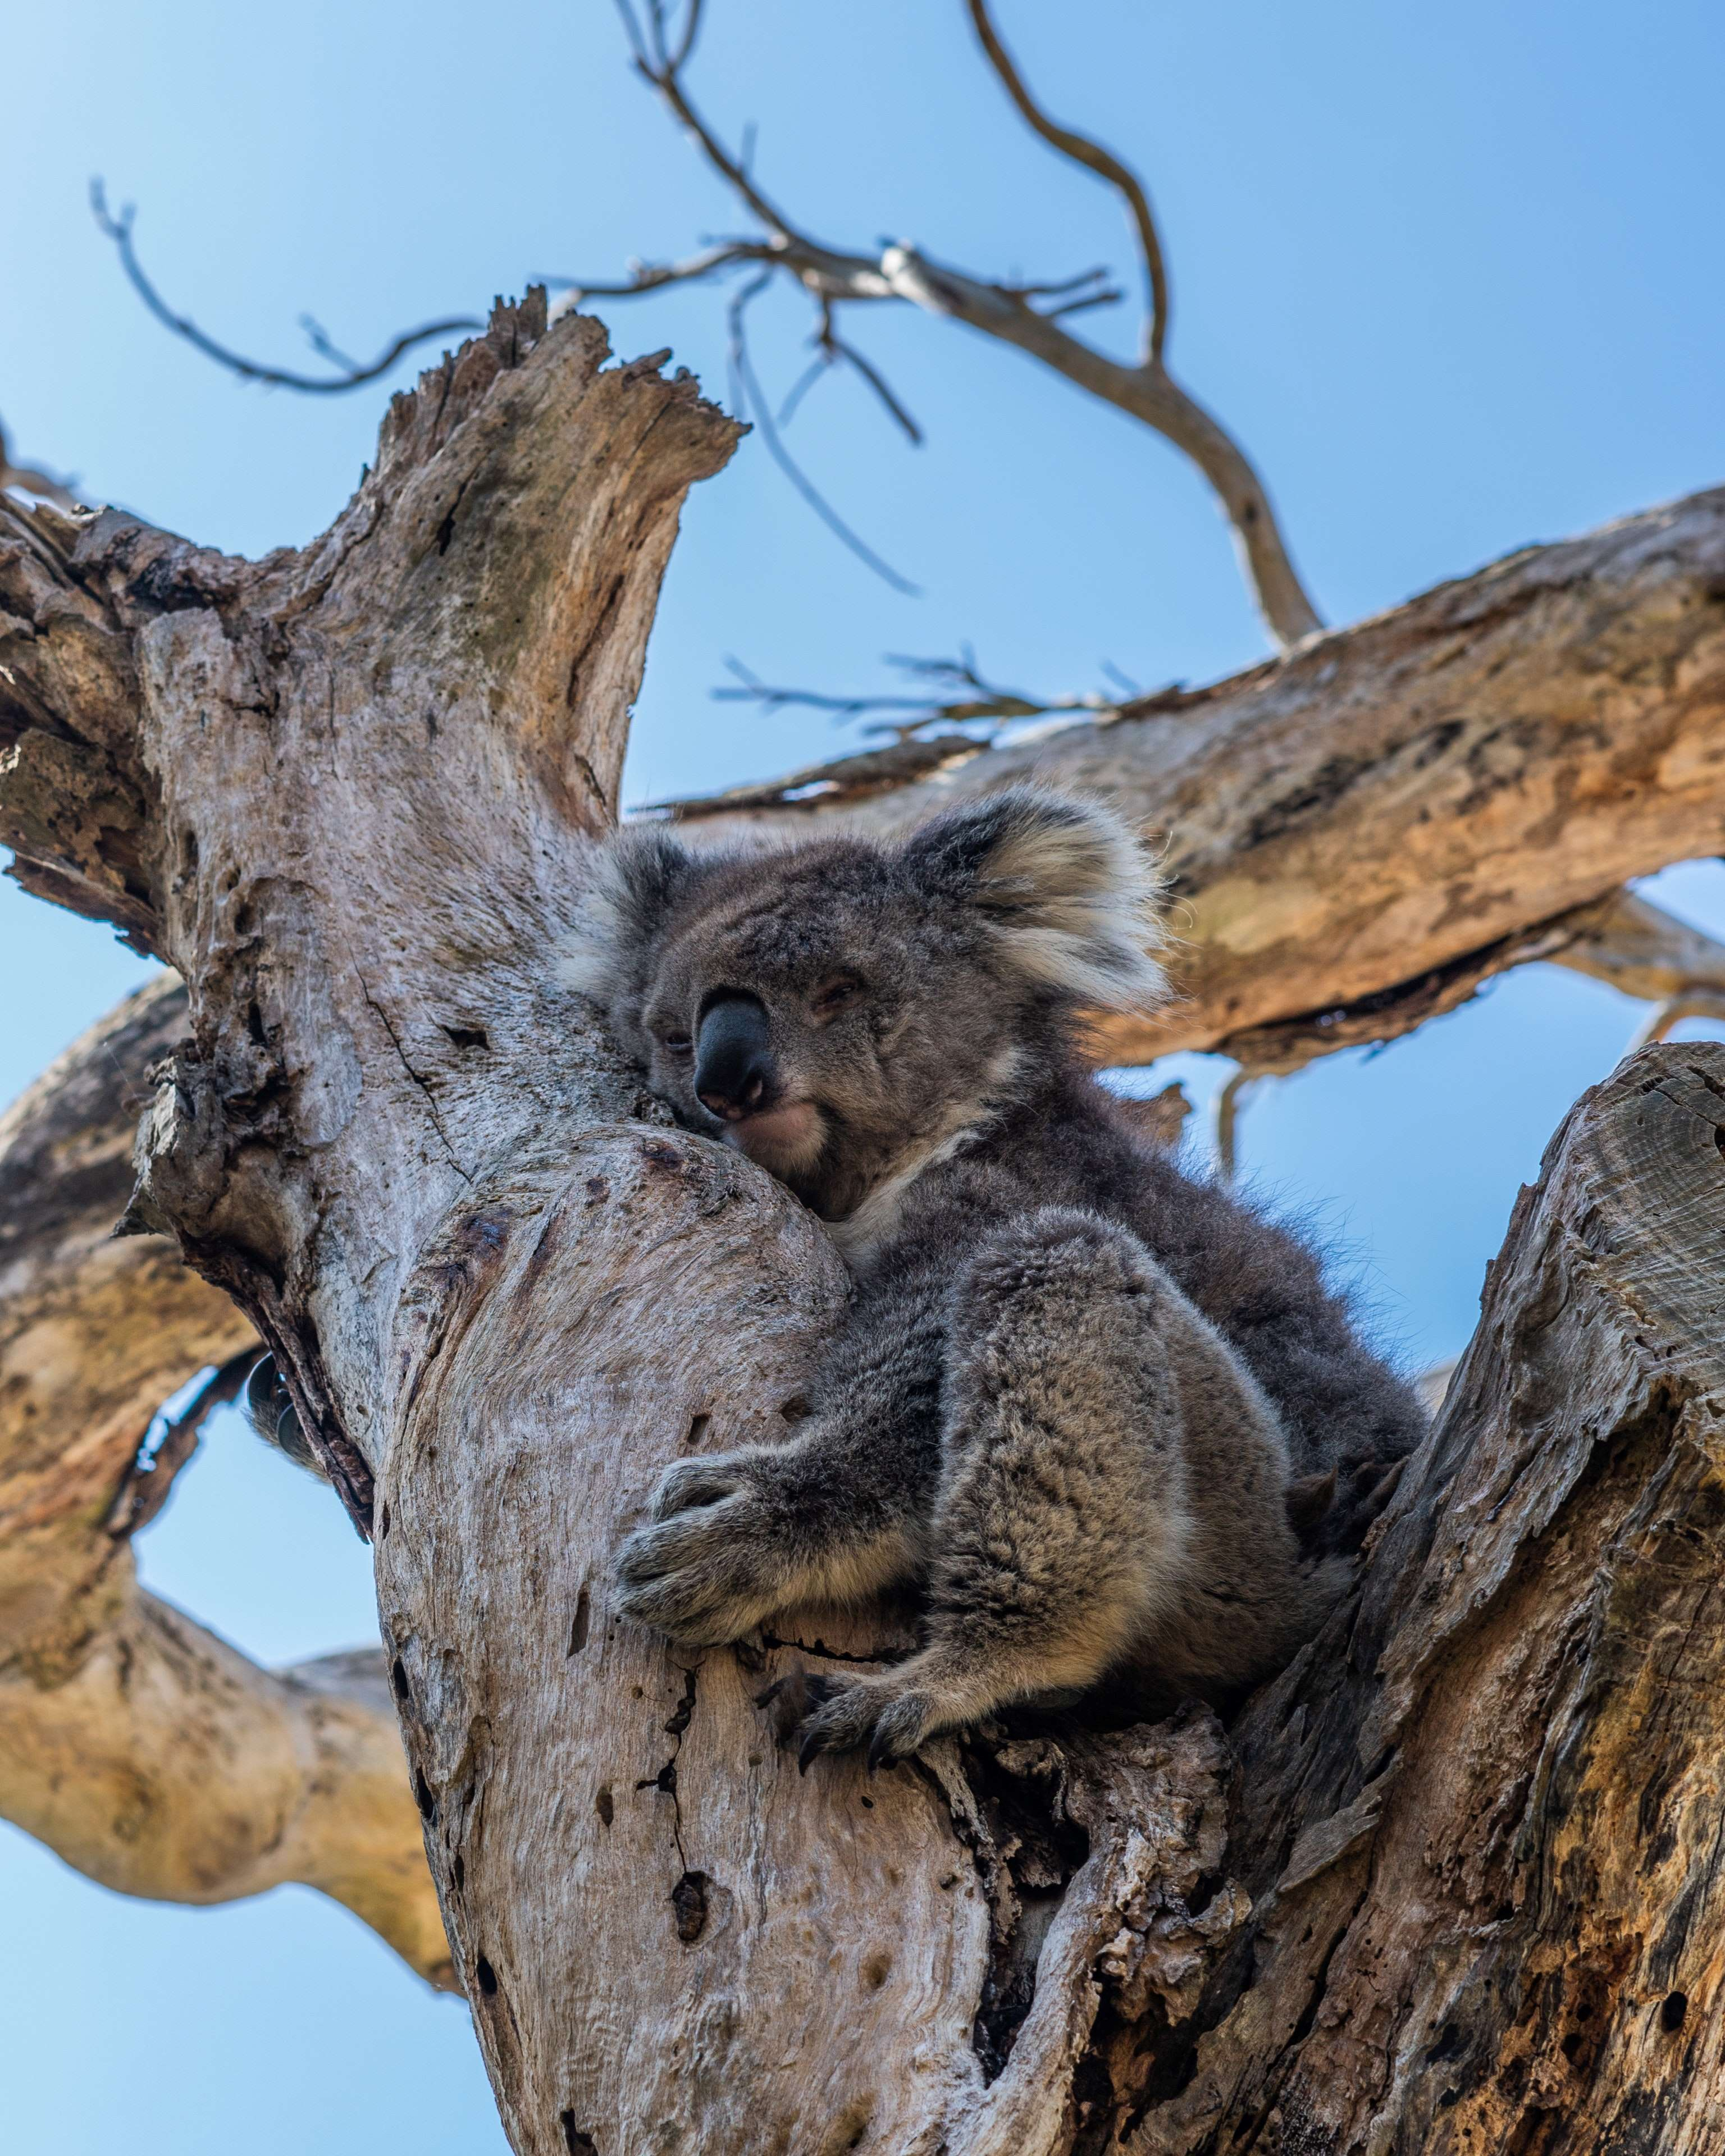 Koala in tree